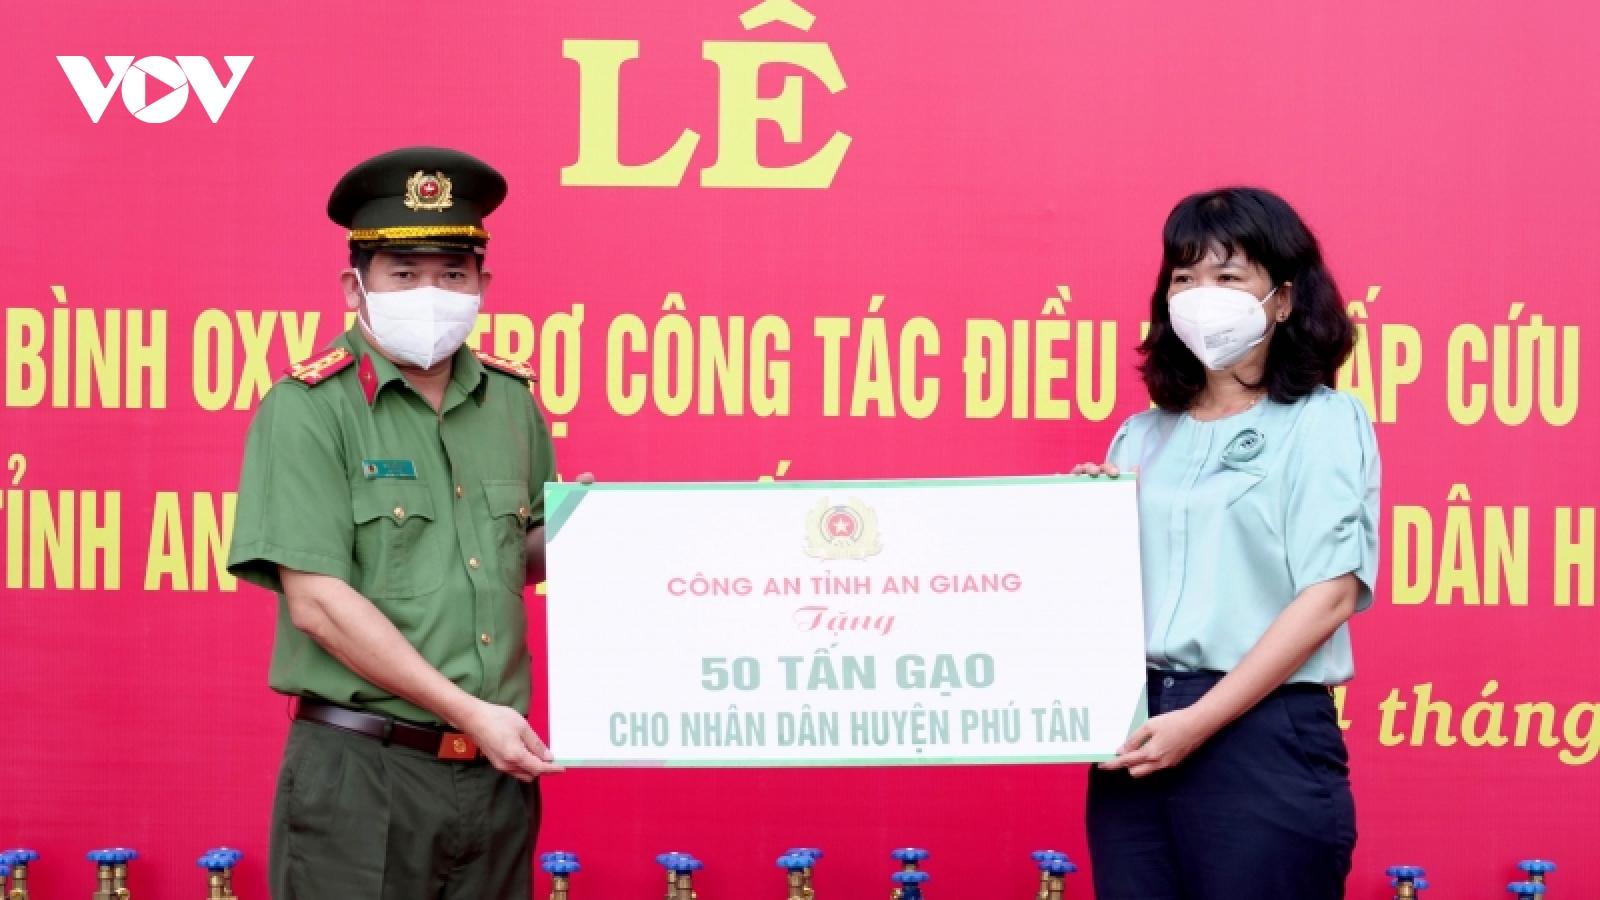 Trao tặng 2.000 bình oxy và 50 tấn gạo hỗ trợ phòng, chống dịch Covid-19 tại An Giang